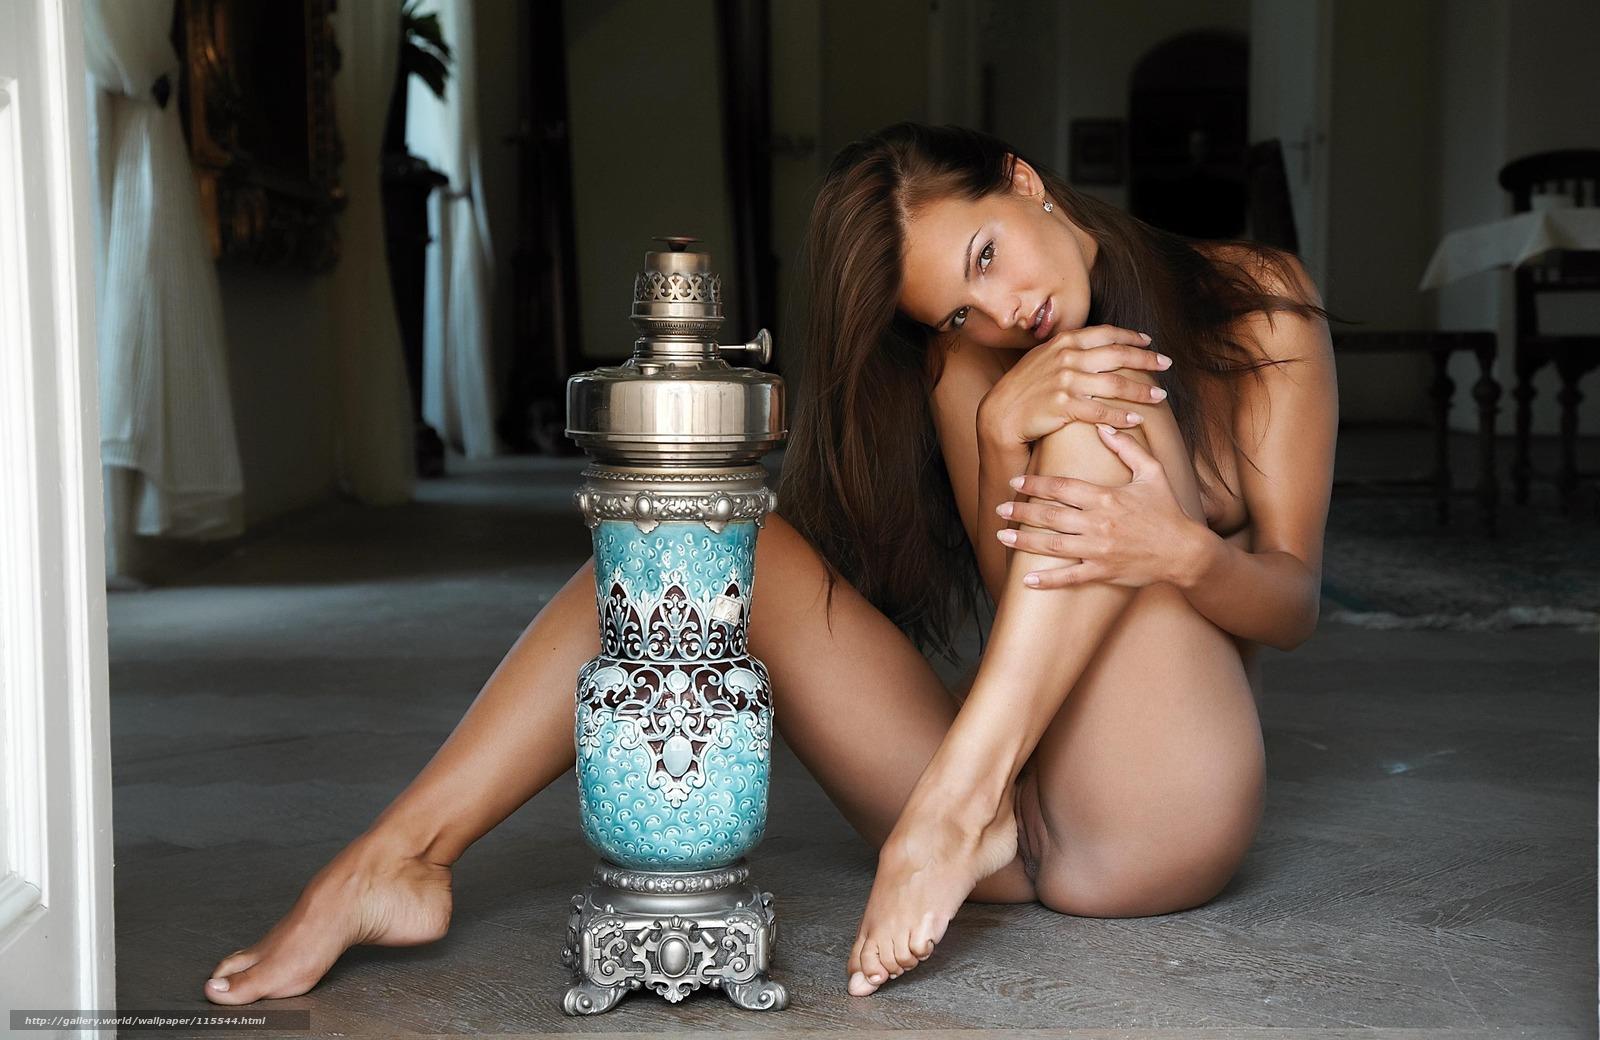 Фото девчонка с голыми ножками 7 фотография